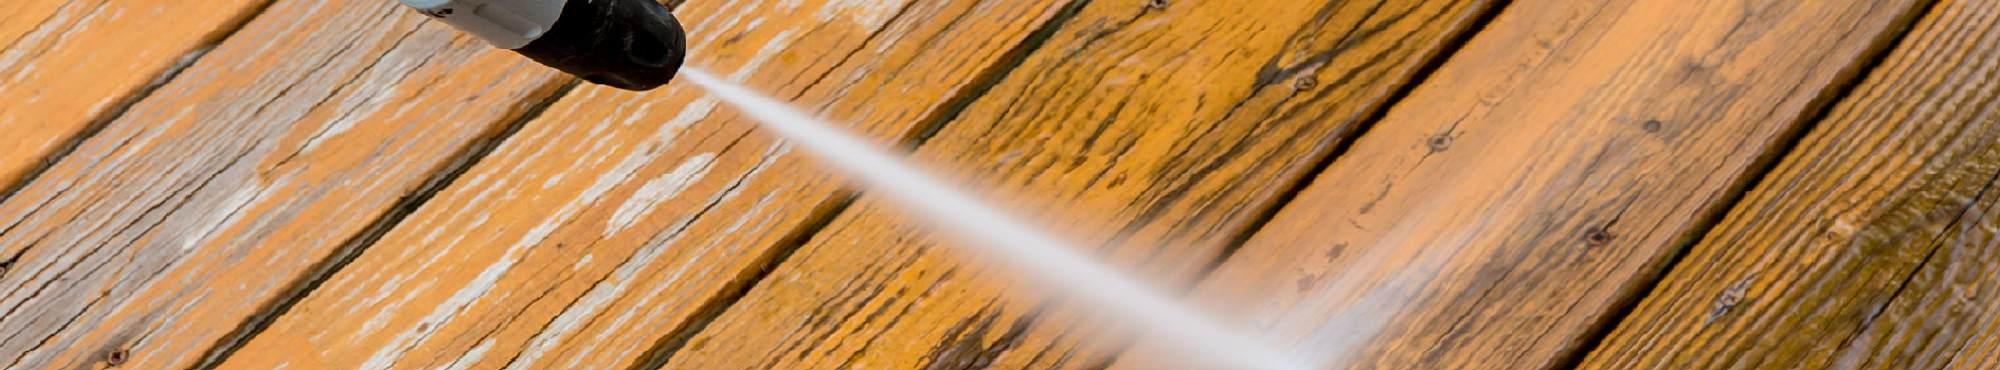 Burrini's Powerwashing & Roof Cleaning Systems